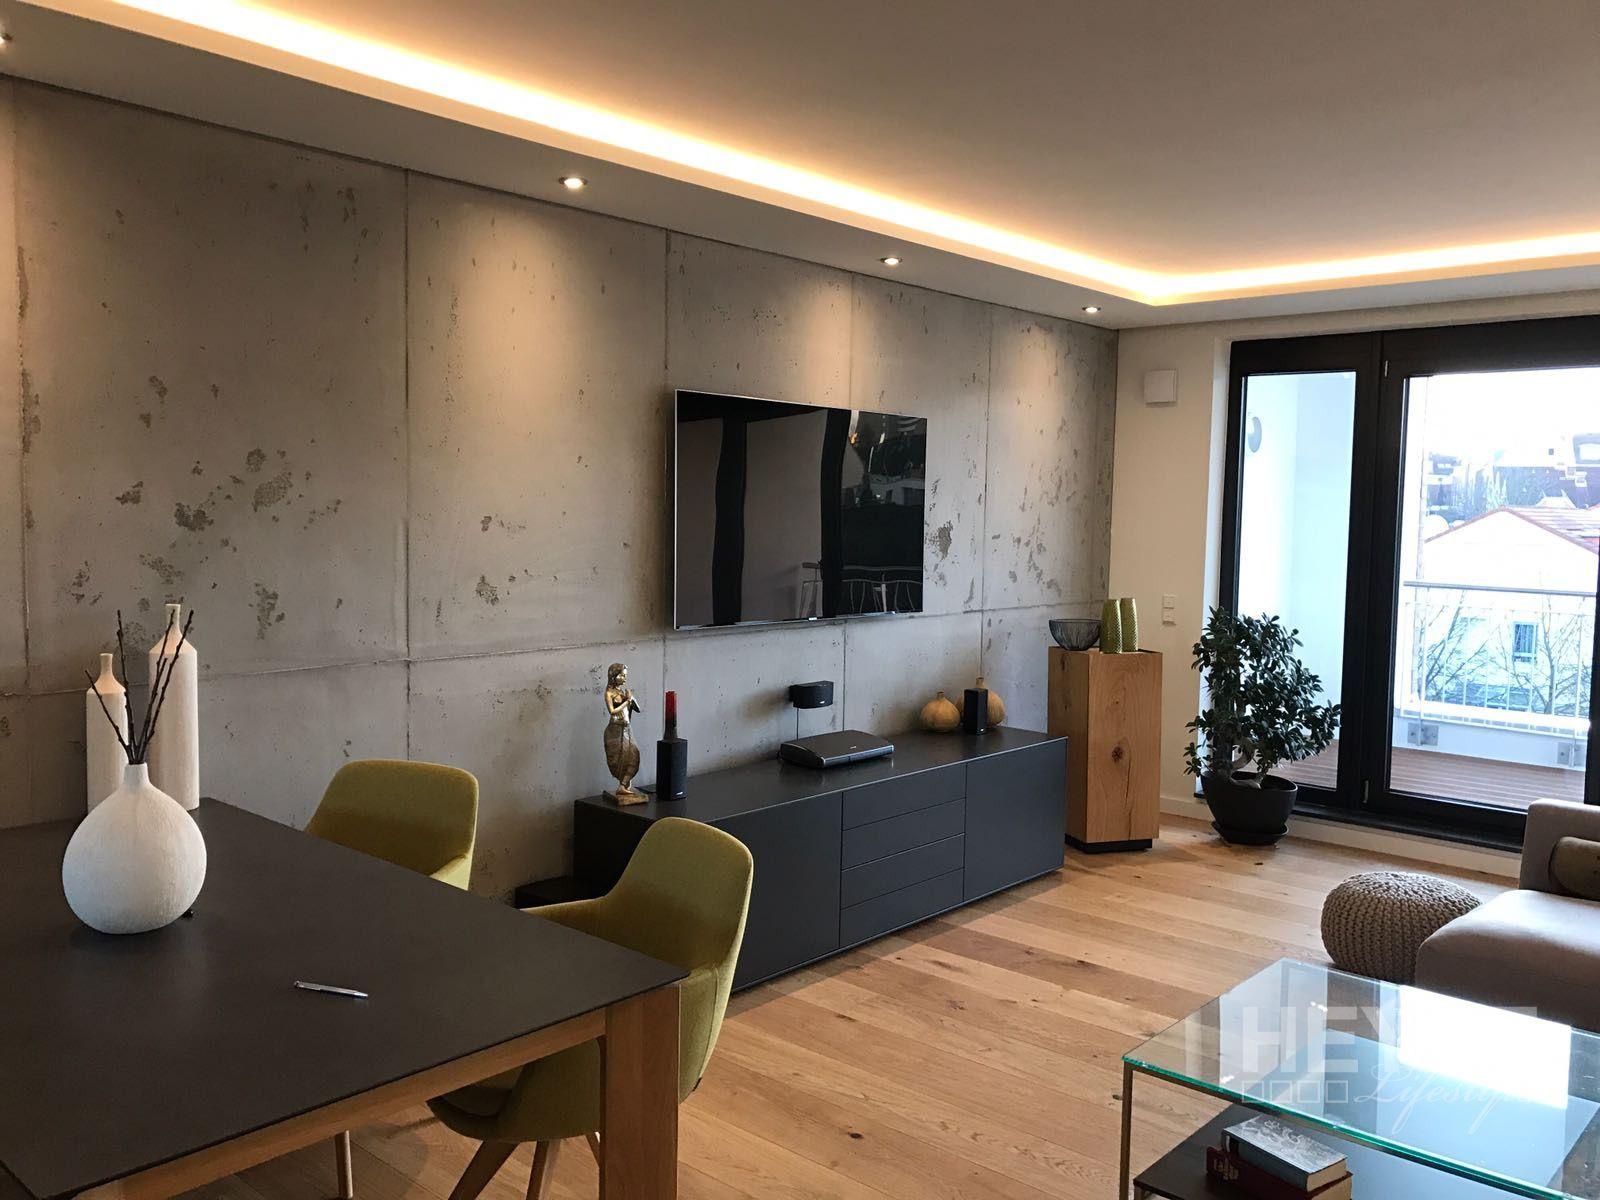 Wandgestaltung in Betonoptik und Holzbodenbelag Wohnung Pinterest